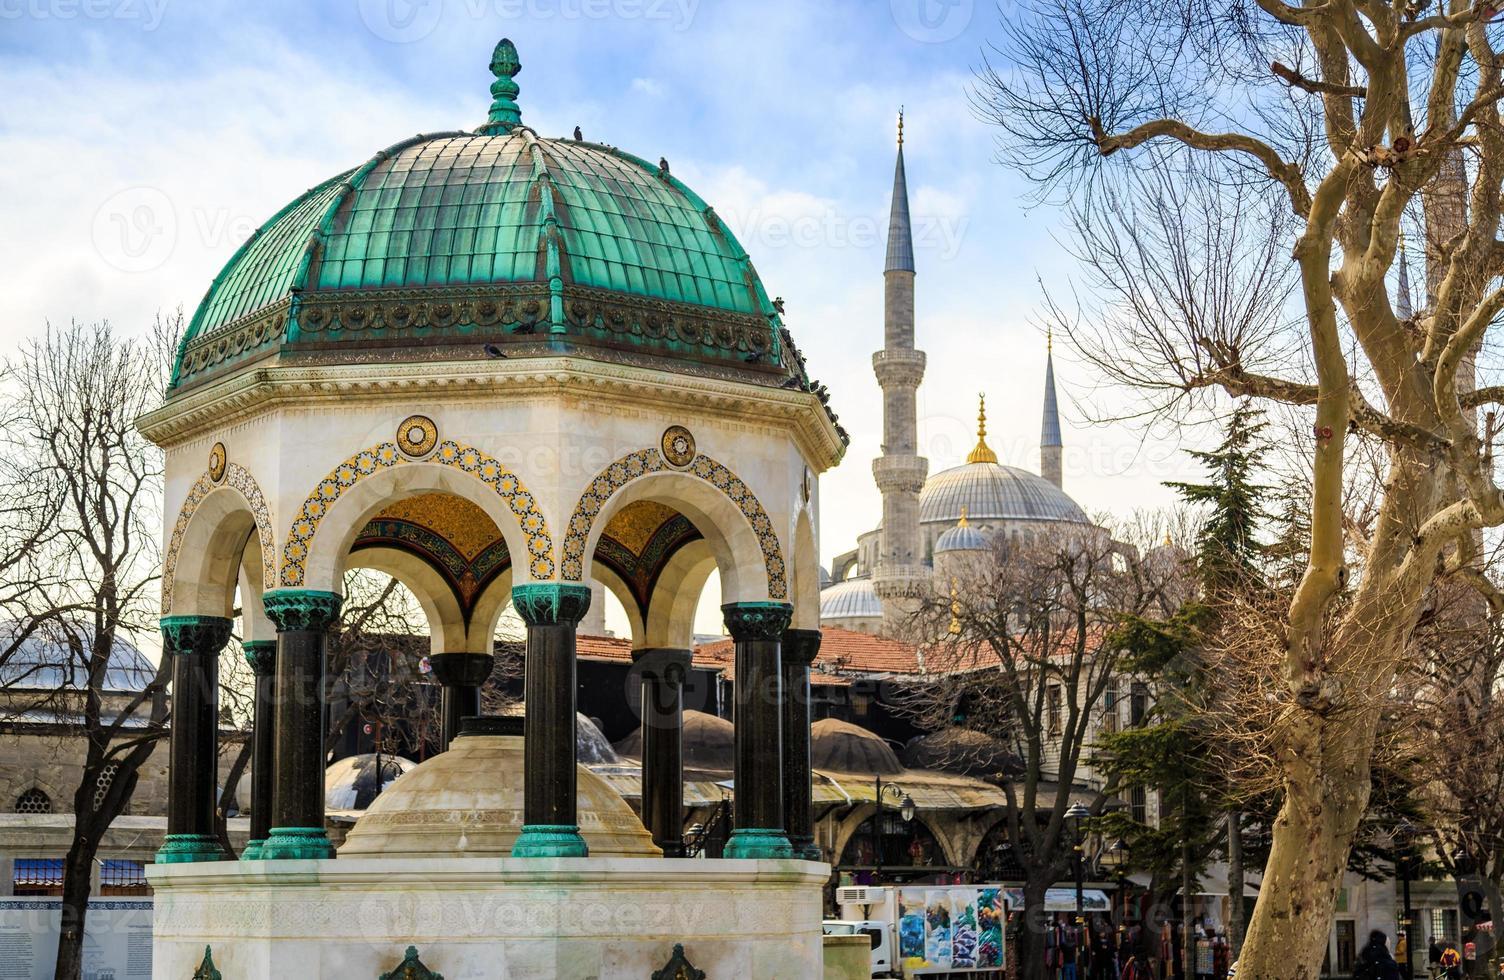 vieux monument à istanbul. photo